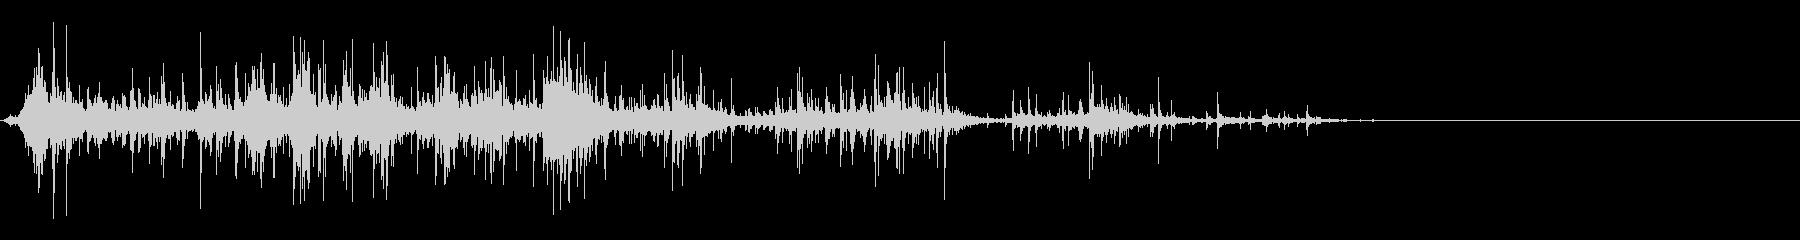 [生音]紙をクシャクシャにする02の未再生の波形